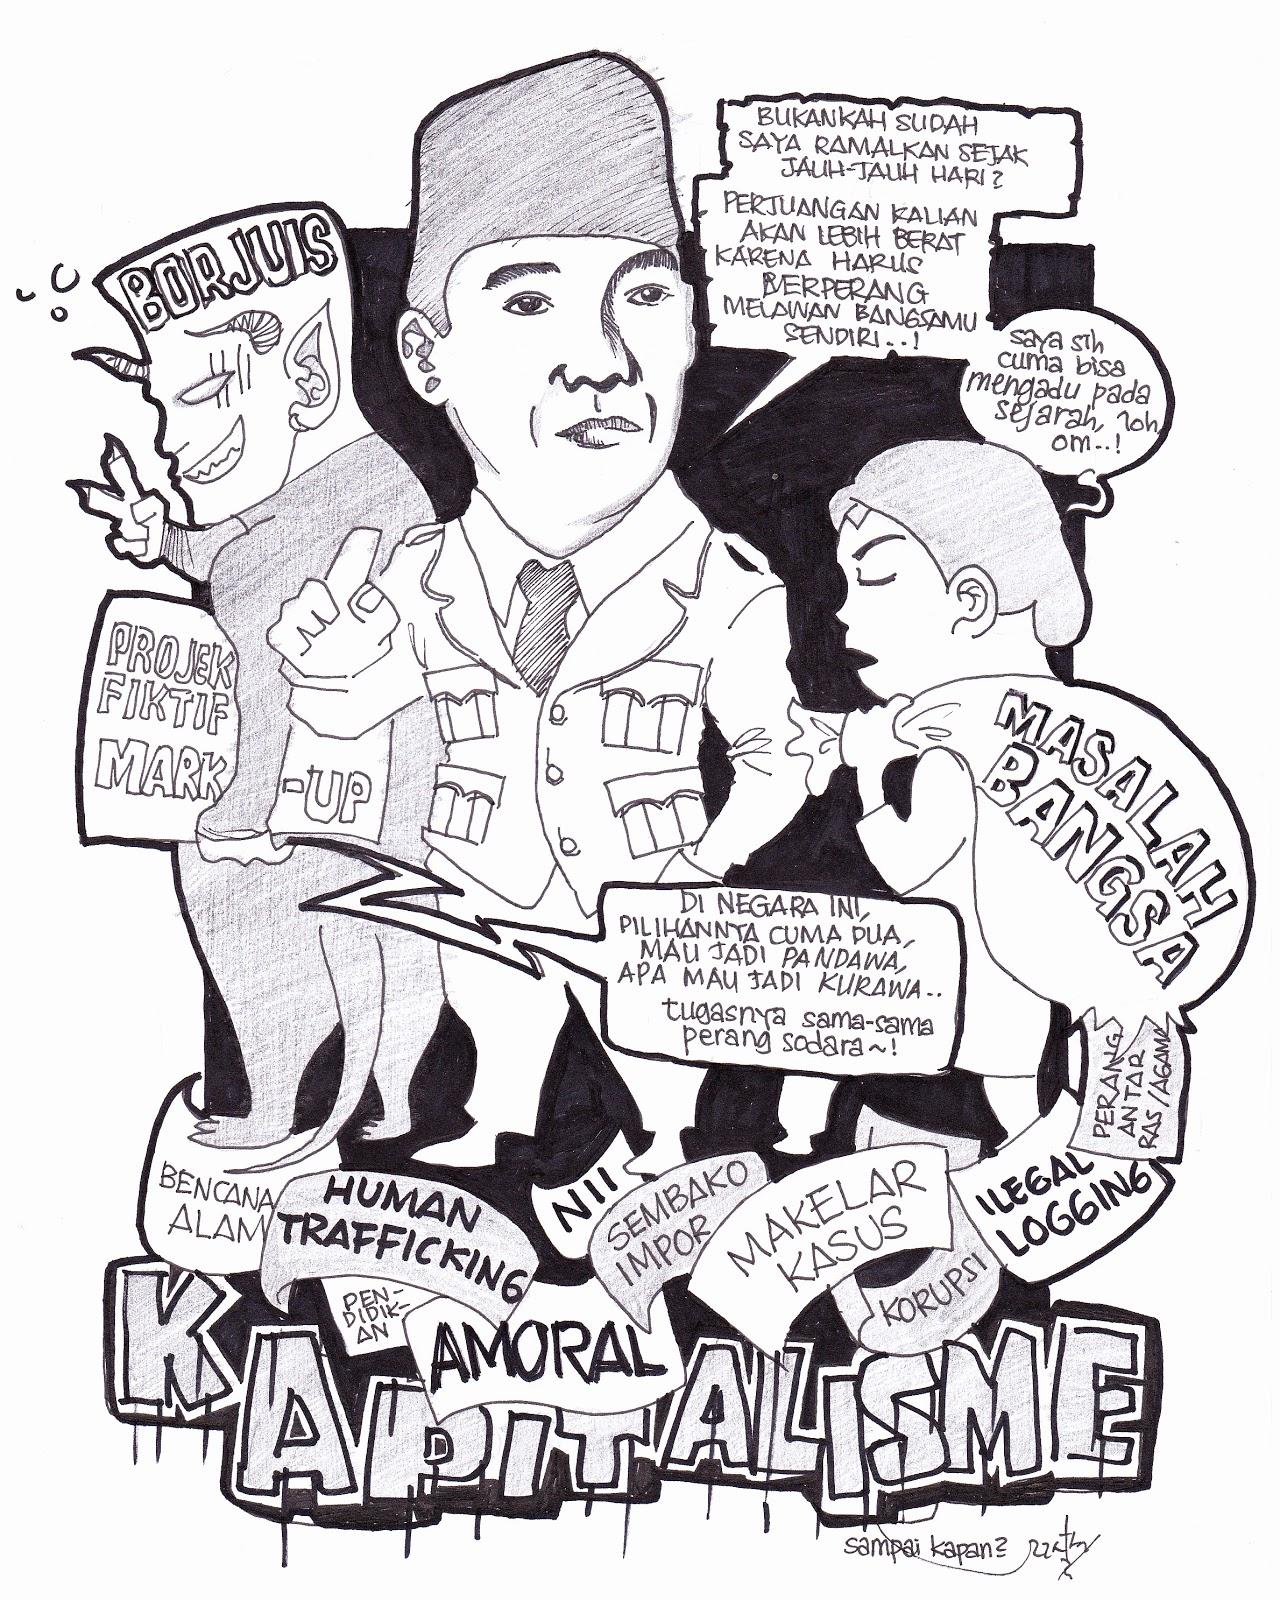 Harta Karun Bung Karno Kumpulan Karikatur Dalam Buku HKBK